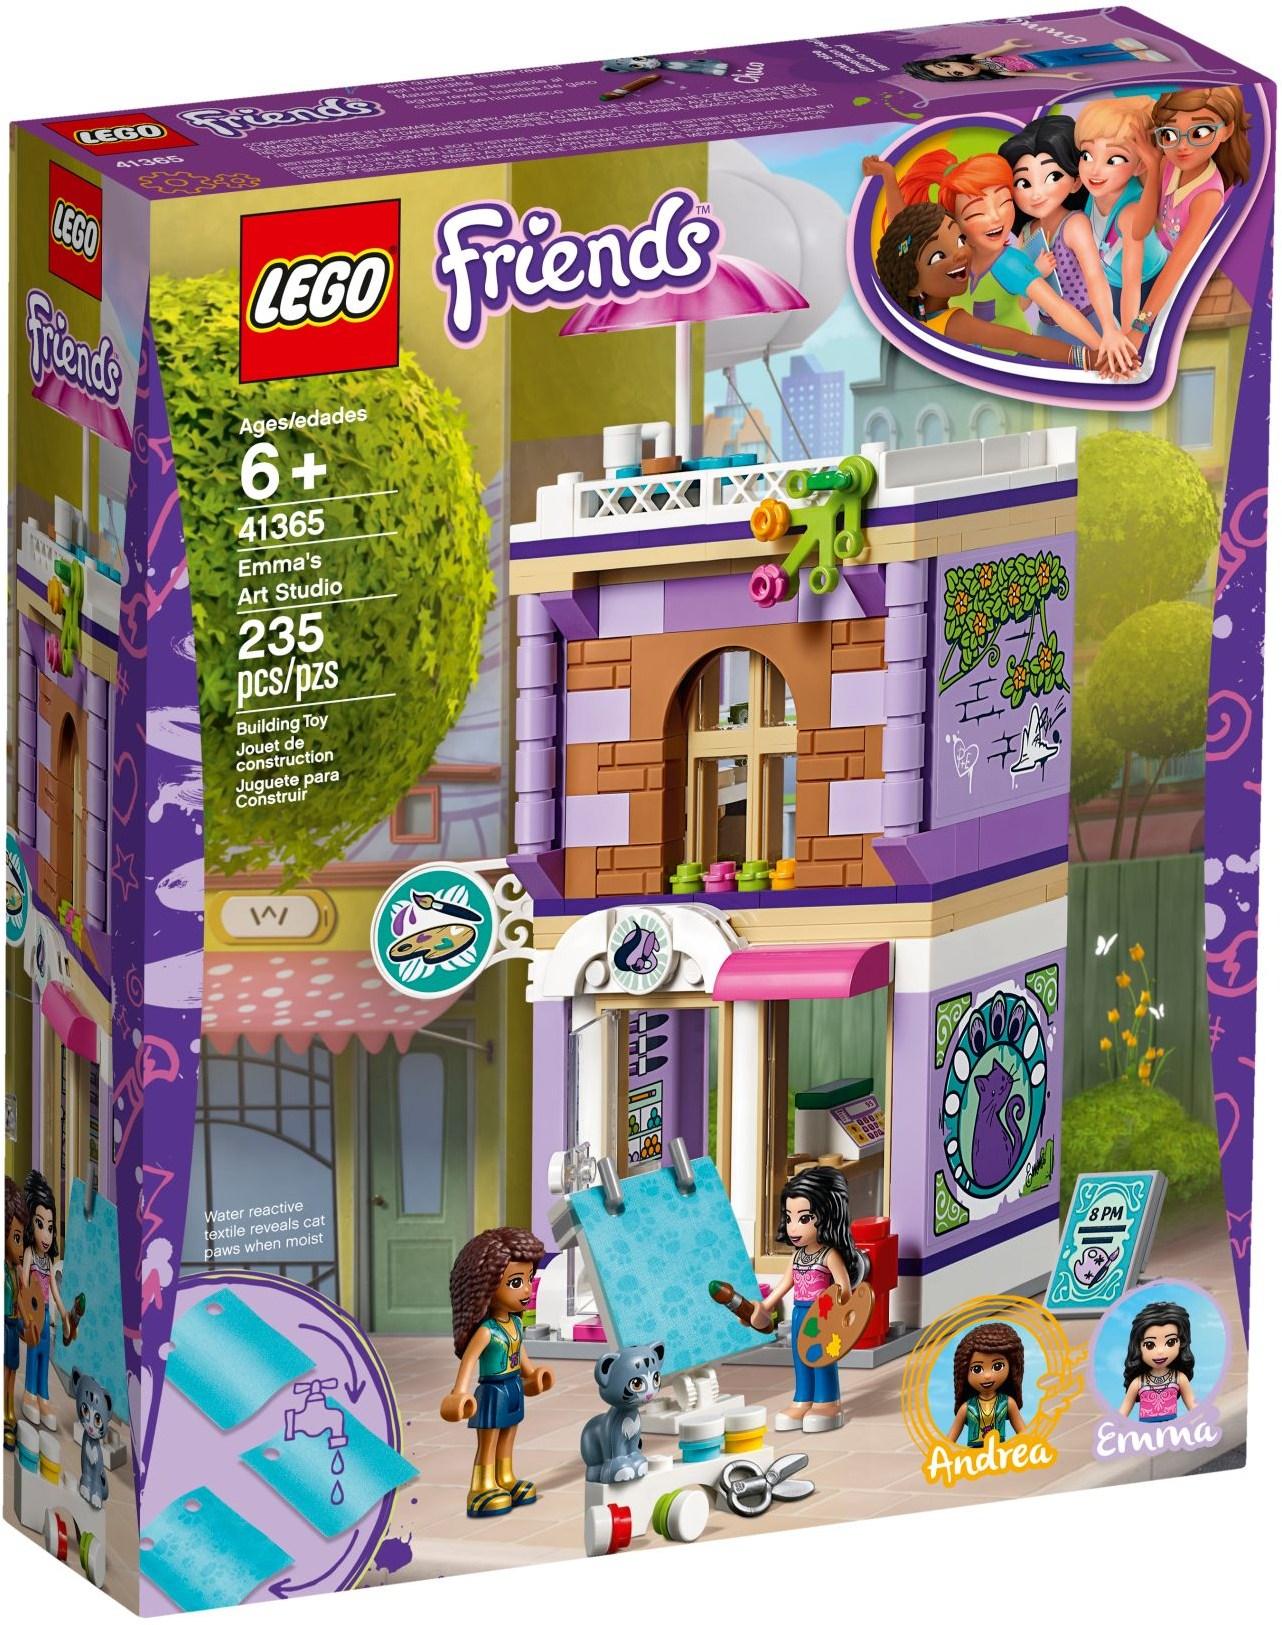 Emmas Art Studio 41365 Lego Friends Wiki Fandom Powered By Wikia